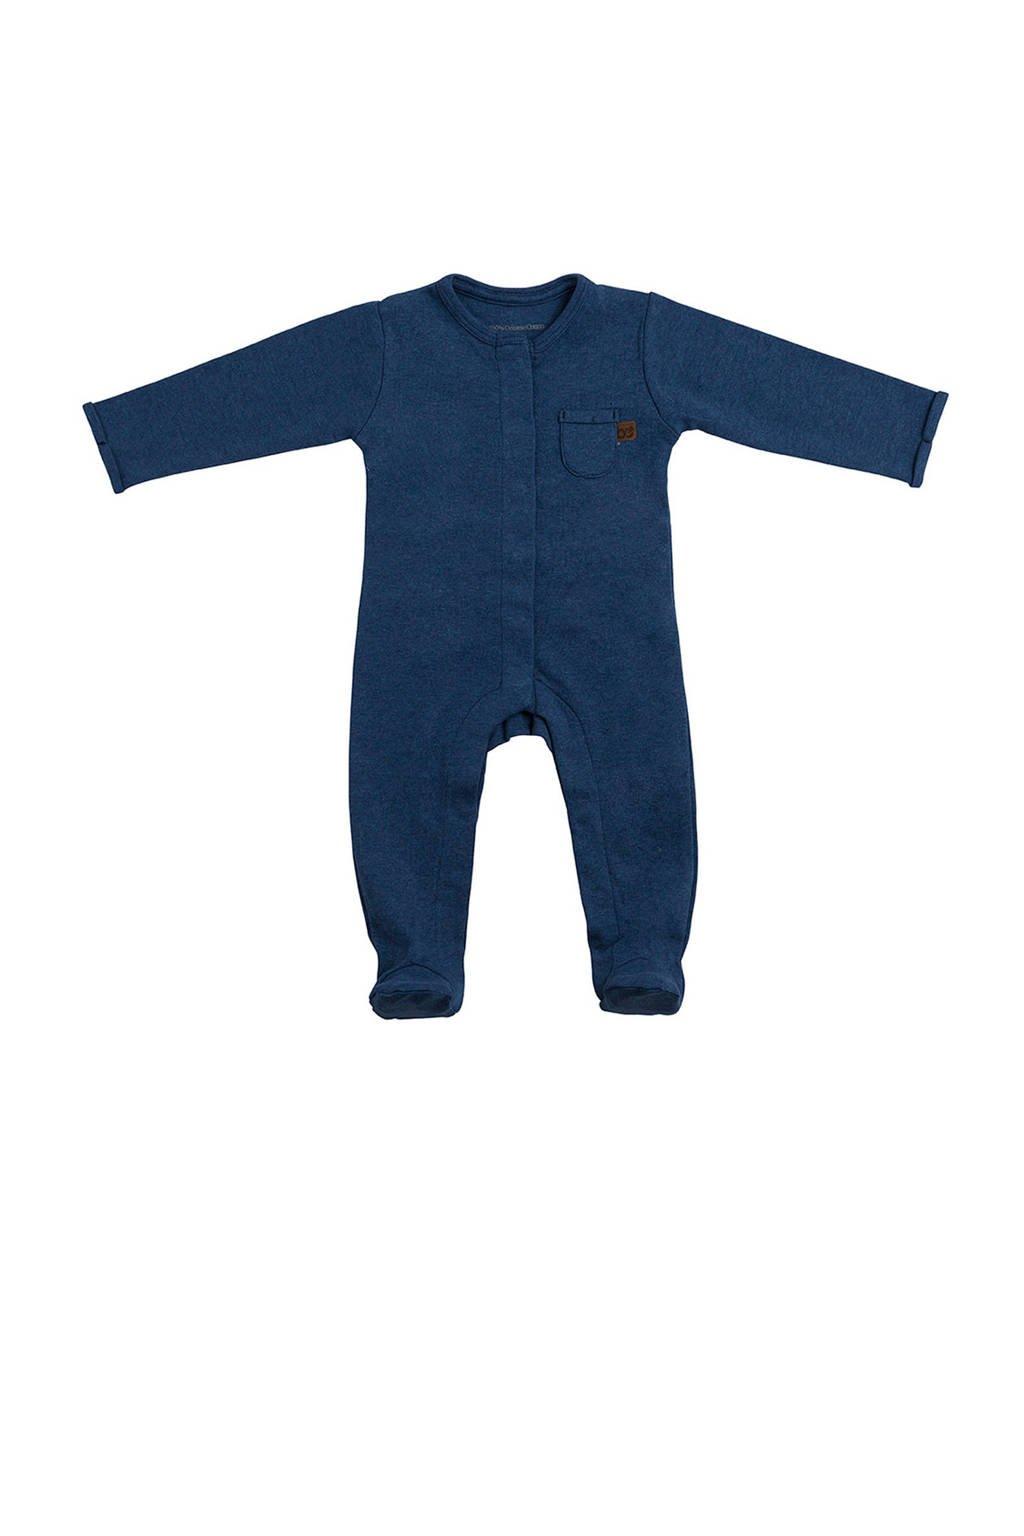 Baby's Only newborn baby boxpak blauw, Donkerblauw